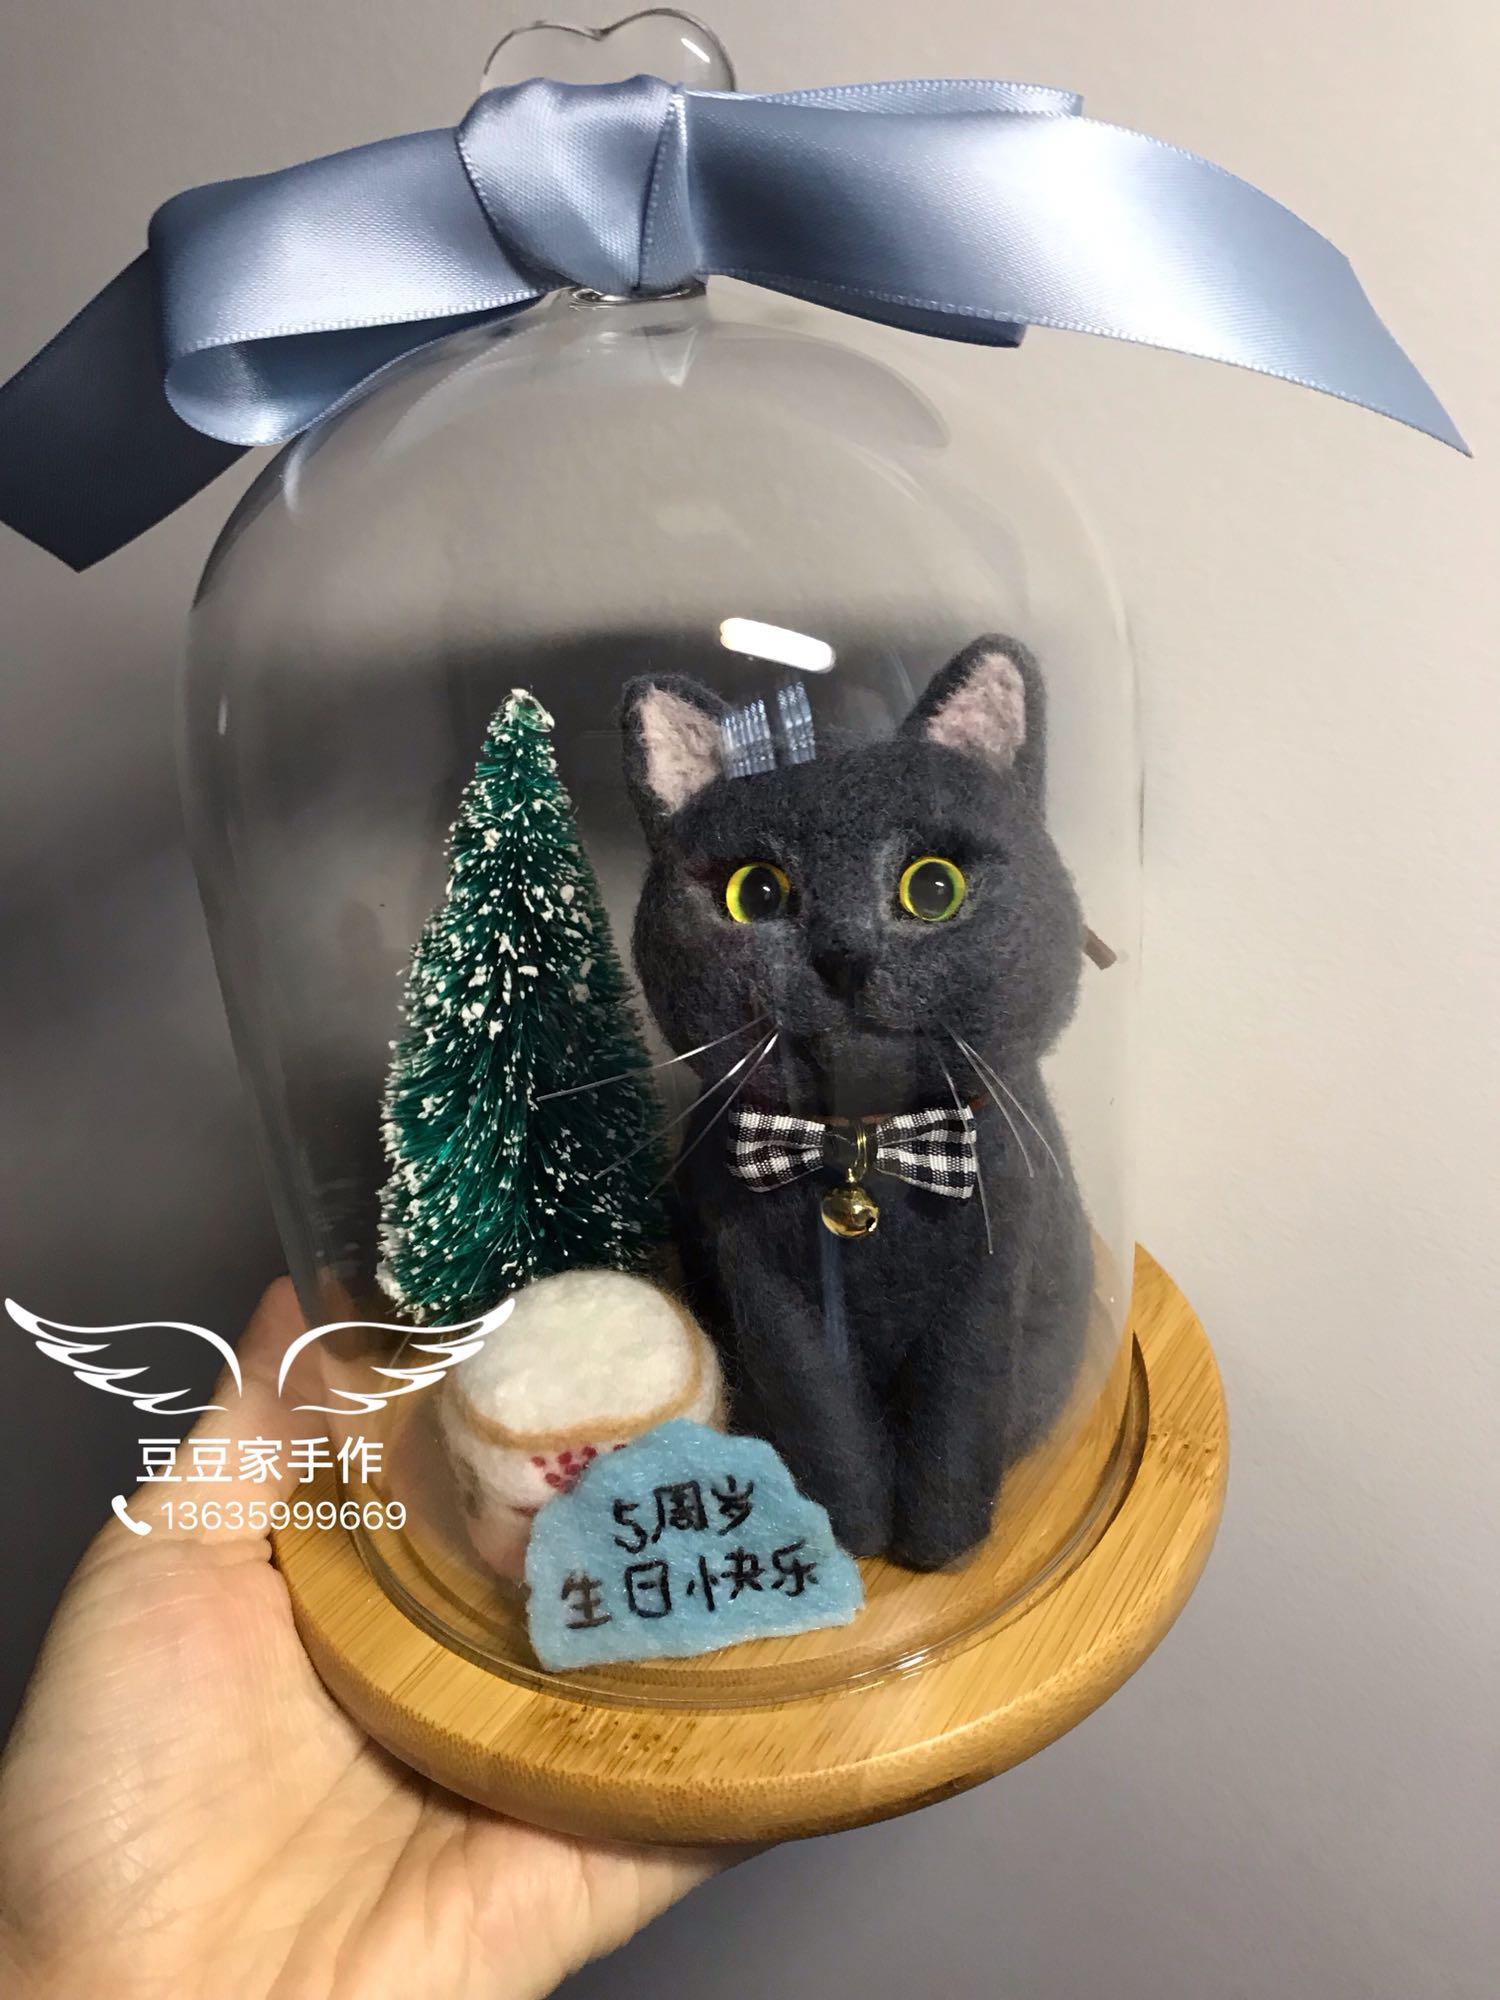 宠物照片定制蓝猫美短英短渐层玻璃罩摆件羊毛毡手工创意生日礼物